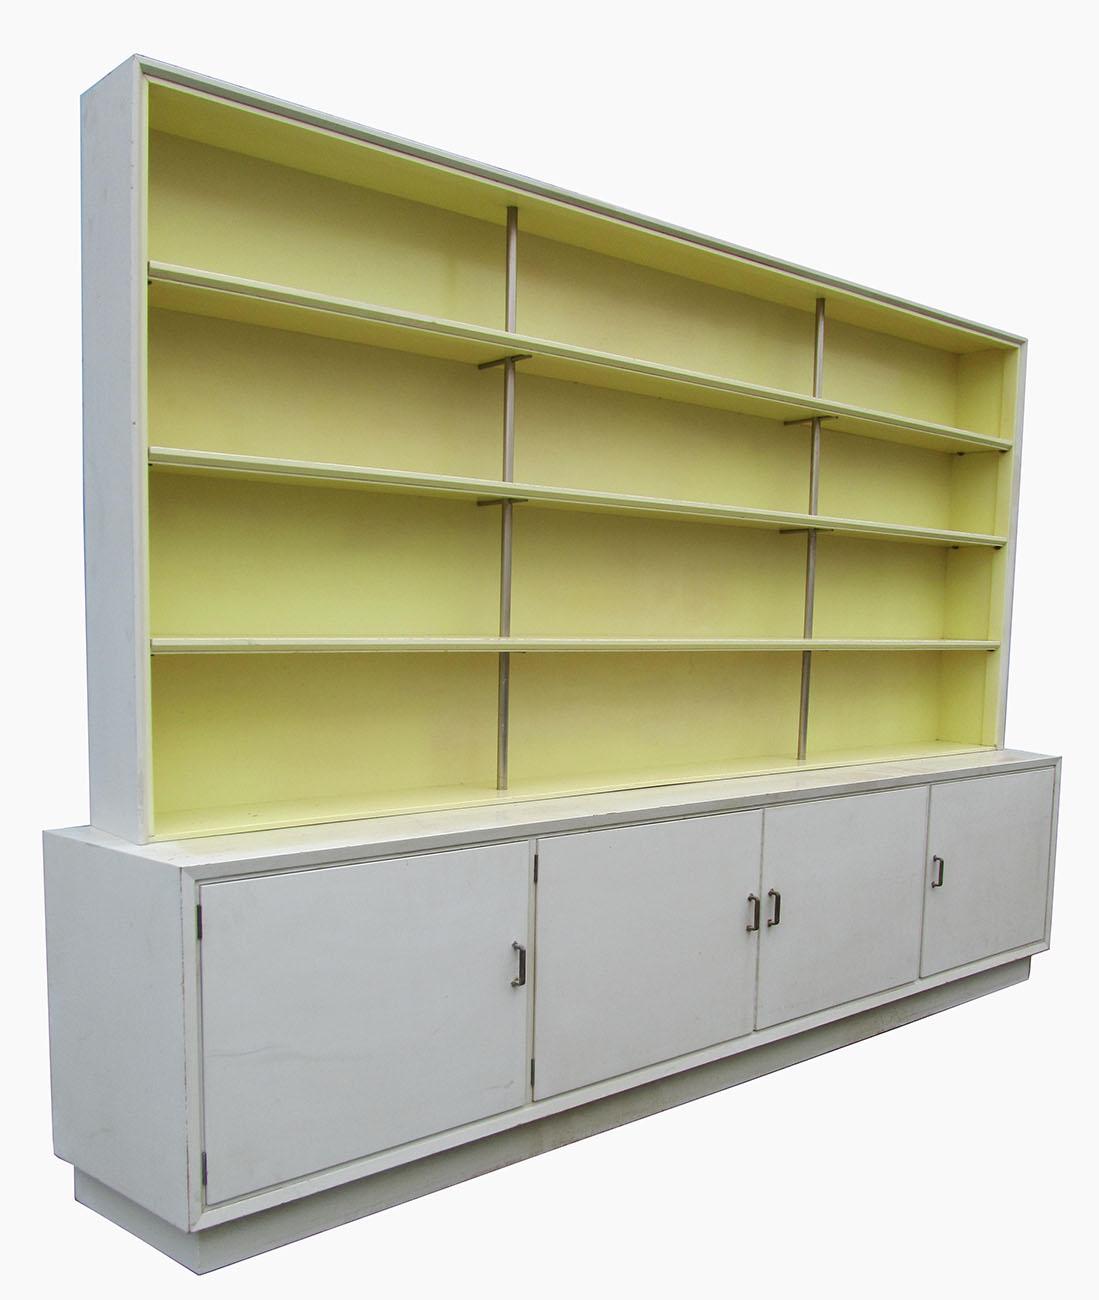 Nederlandse kast, boekenkast jaren \'50, De Stijl, Metz & Co